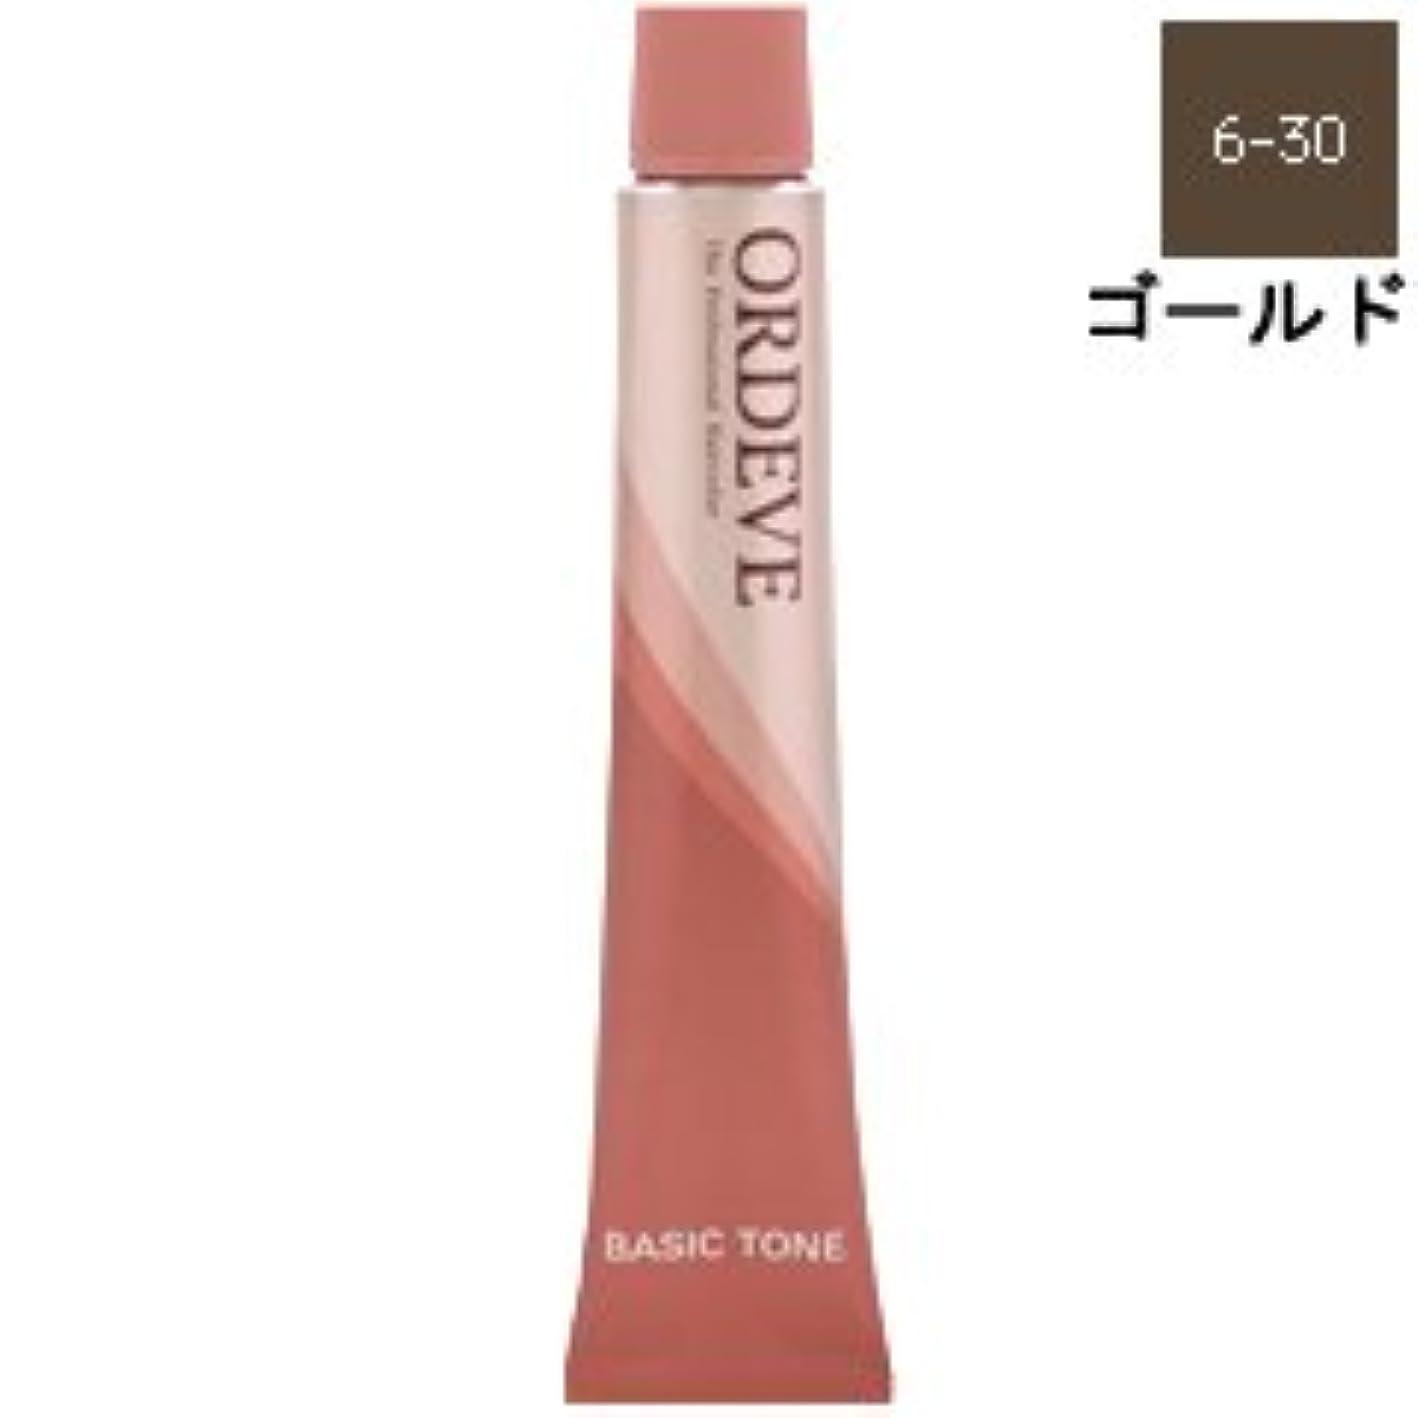 十スタイル虚弱【ミルボン】オルディーブ ベーシックトーン #06-30 ゴールド 80g